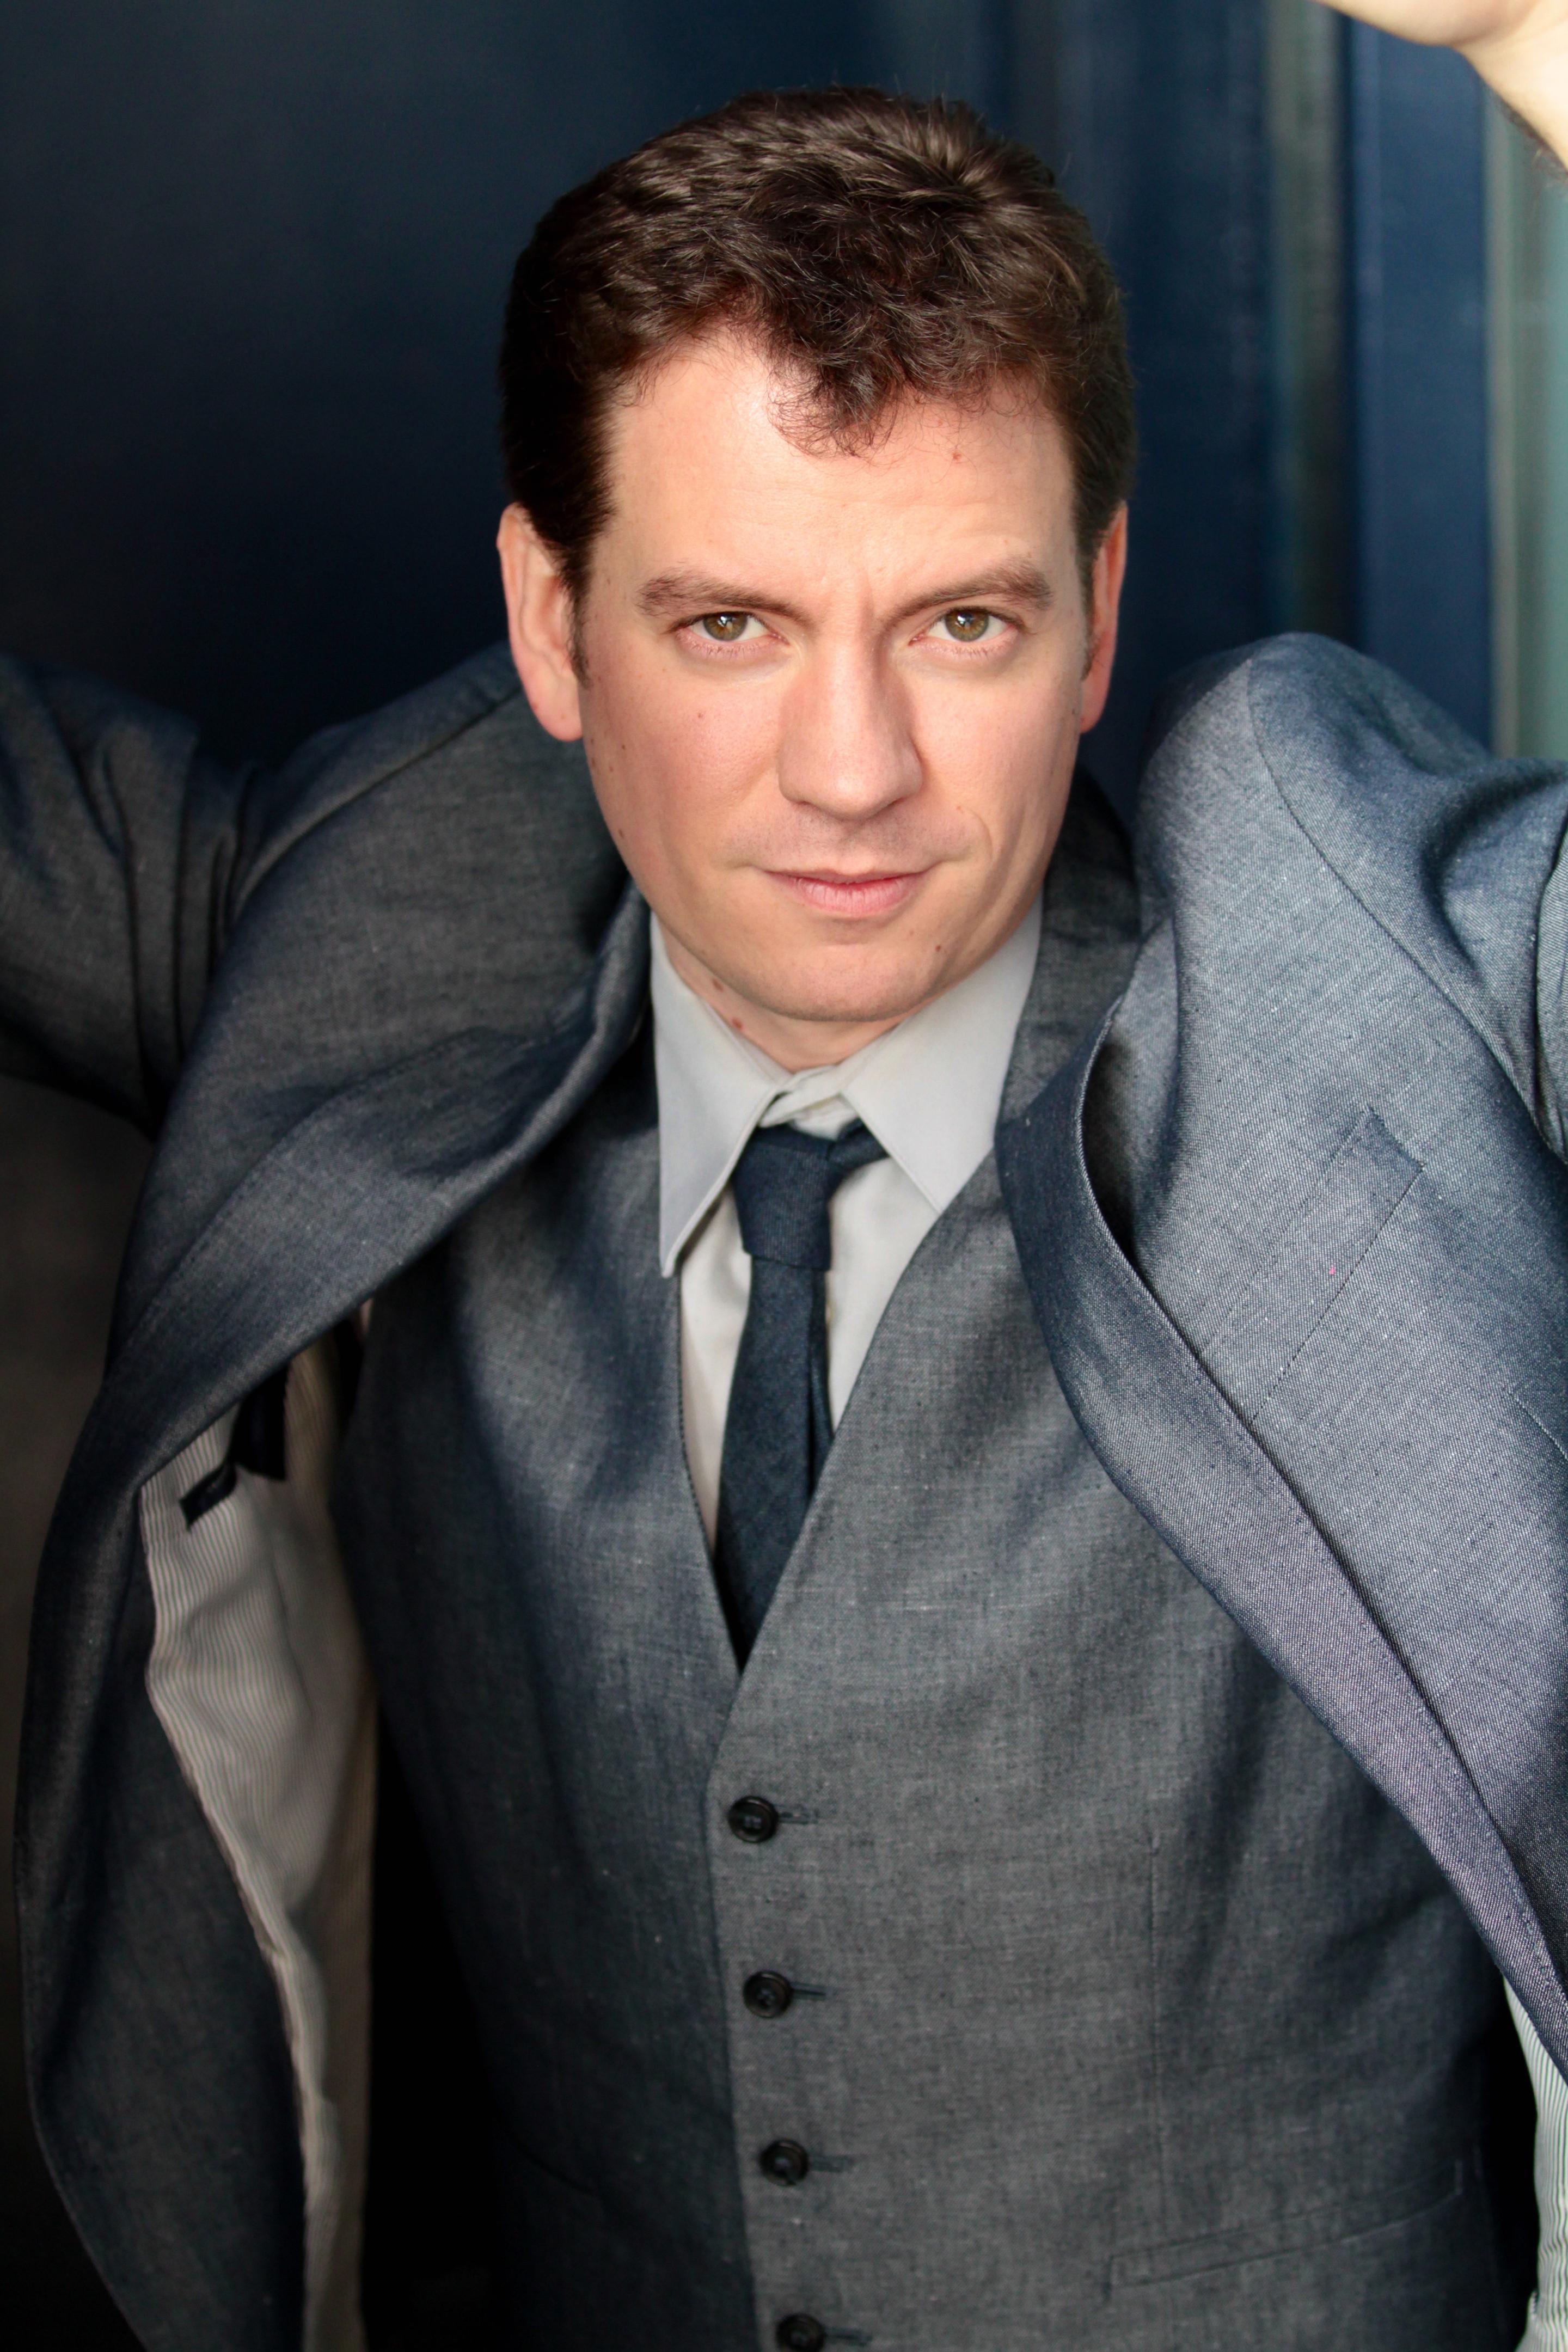 Vince Wingerter